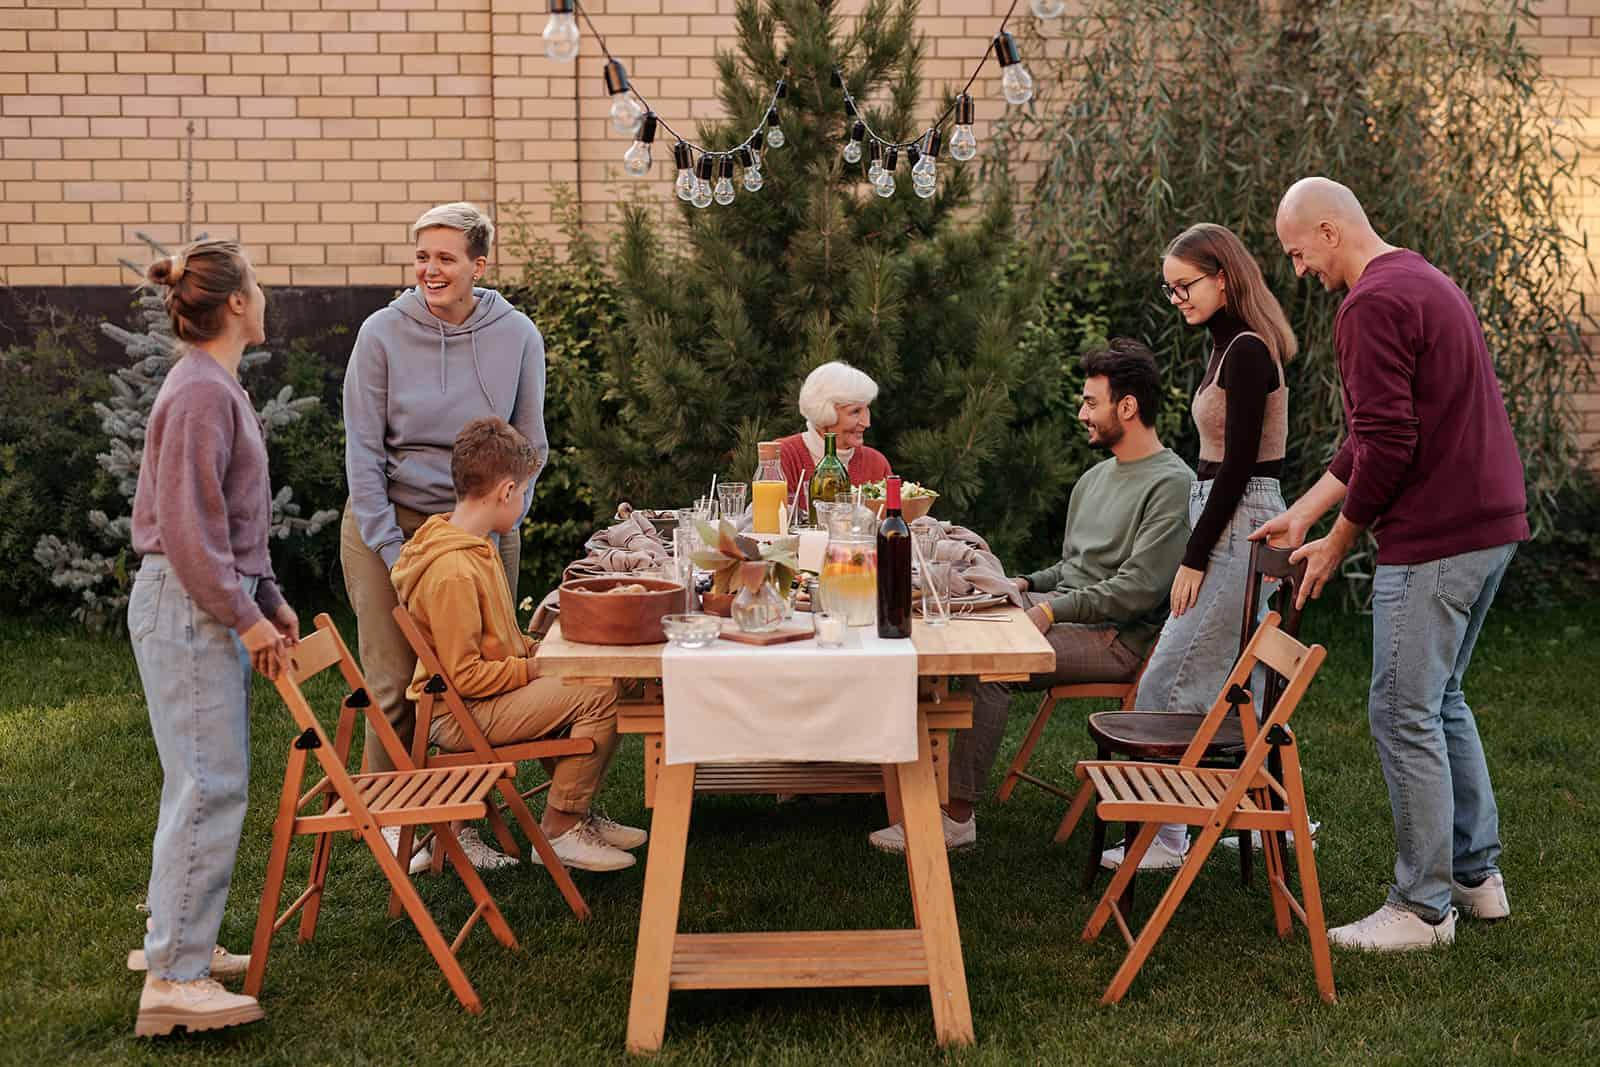 eine Familie, die auf dem Hof ein Picknick macht